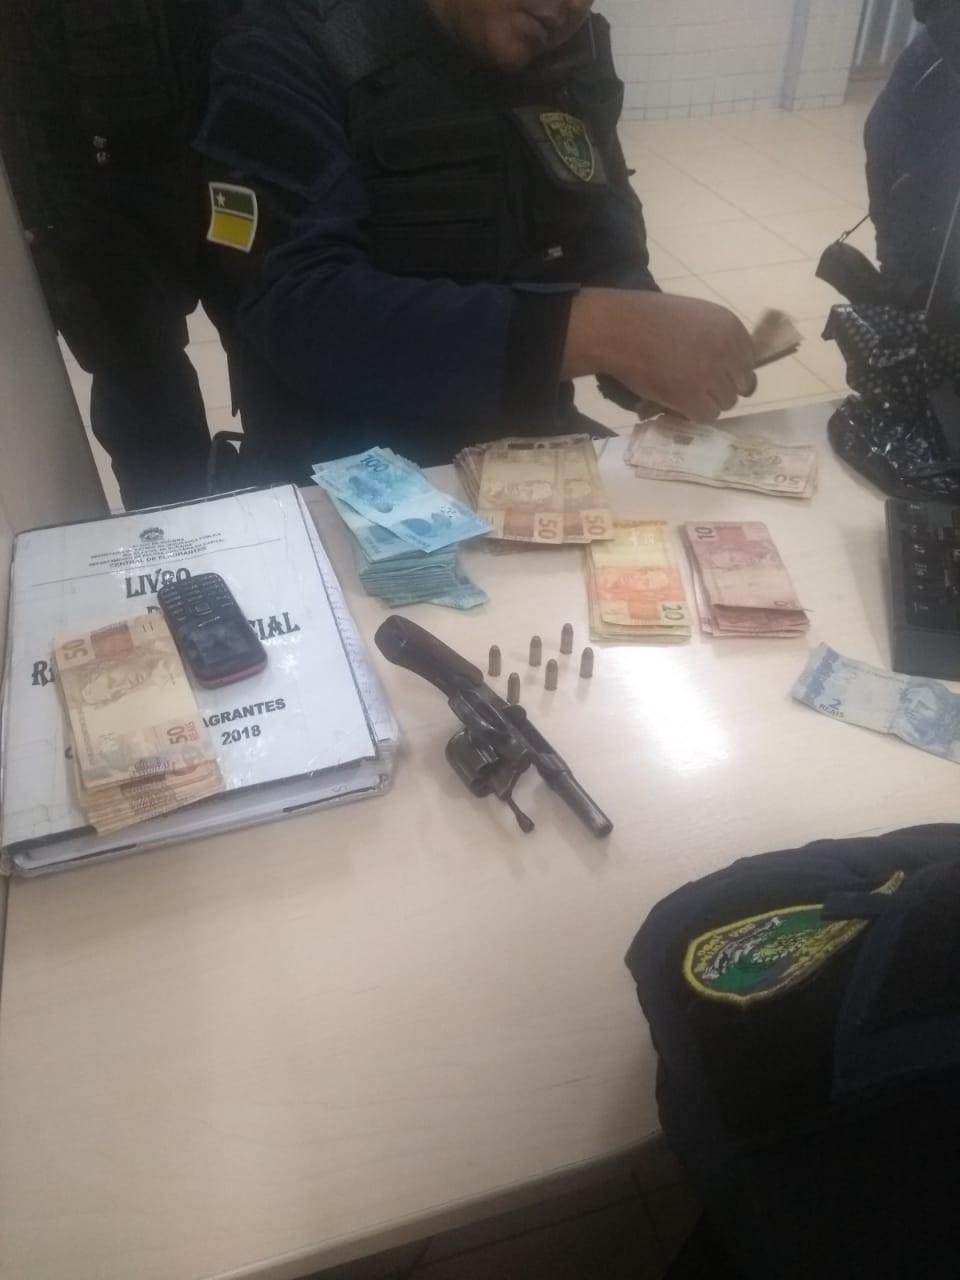 Dupla armada rouba R$ 21 mil de loja e acaba presa após se envolver em acidente em Boa Vista - Noticias